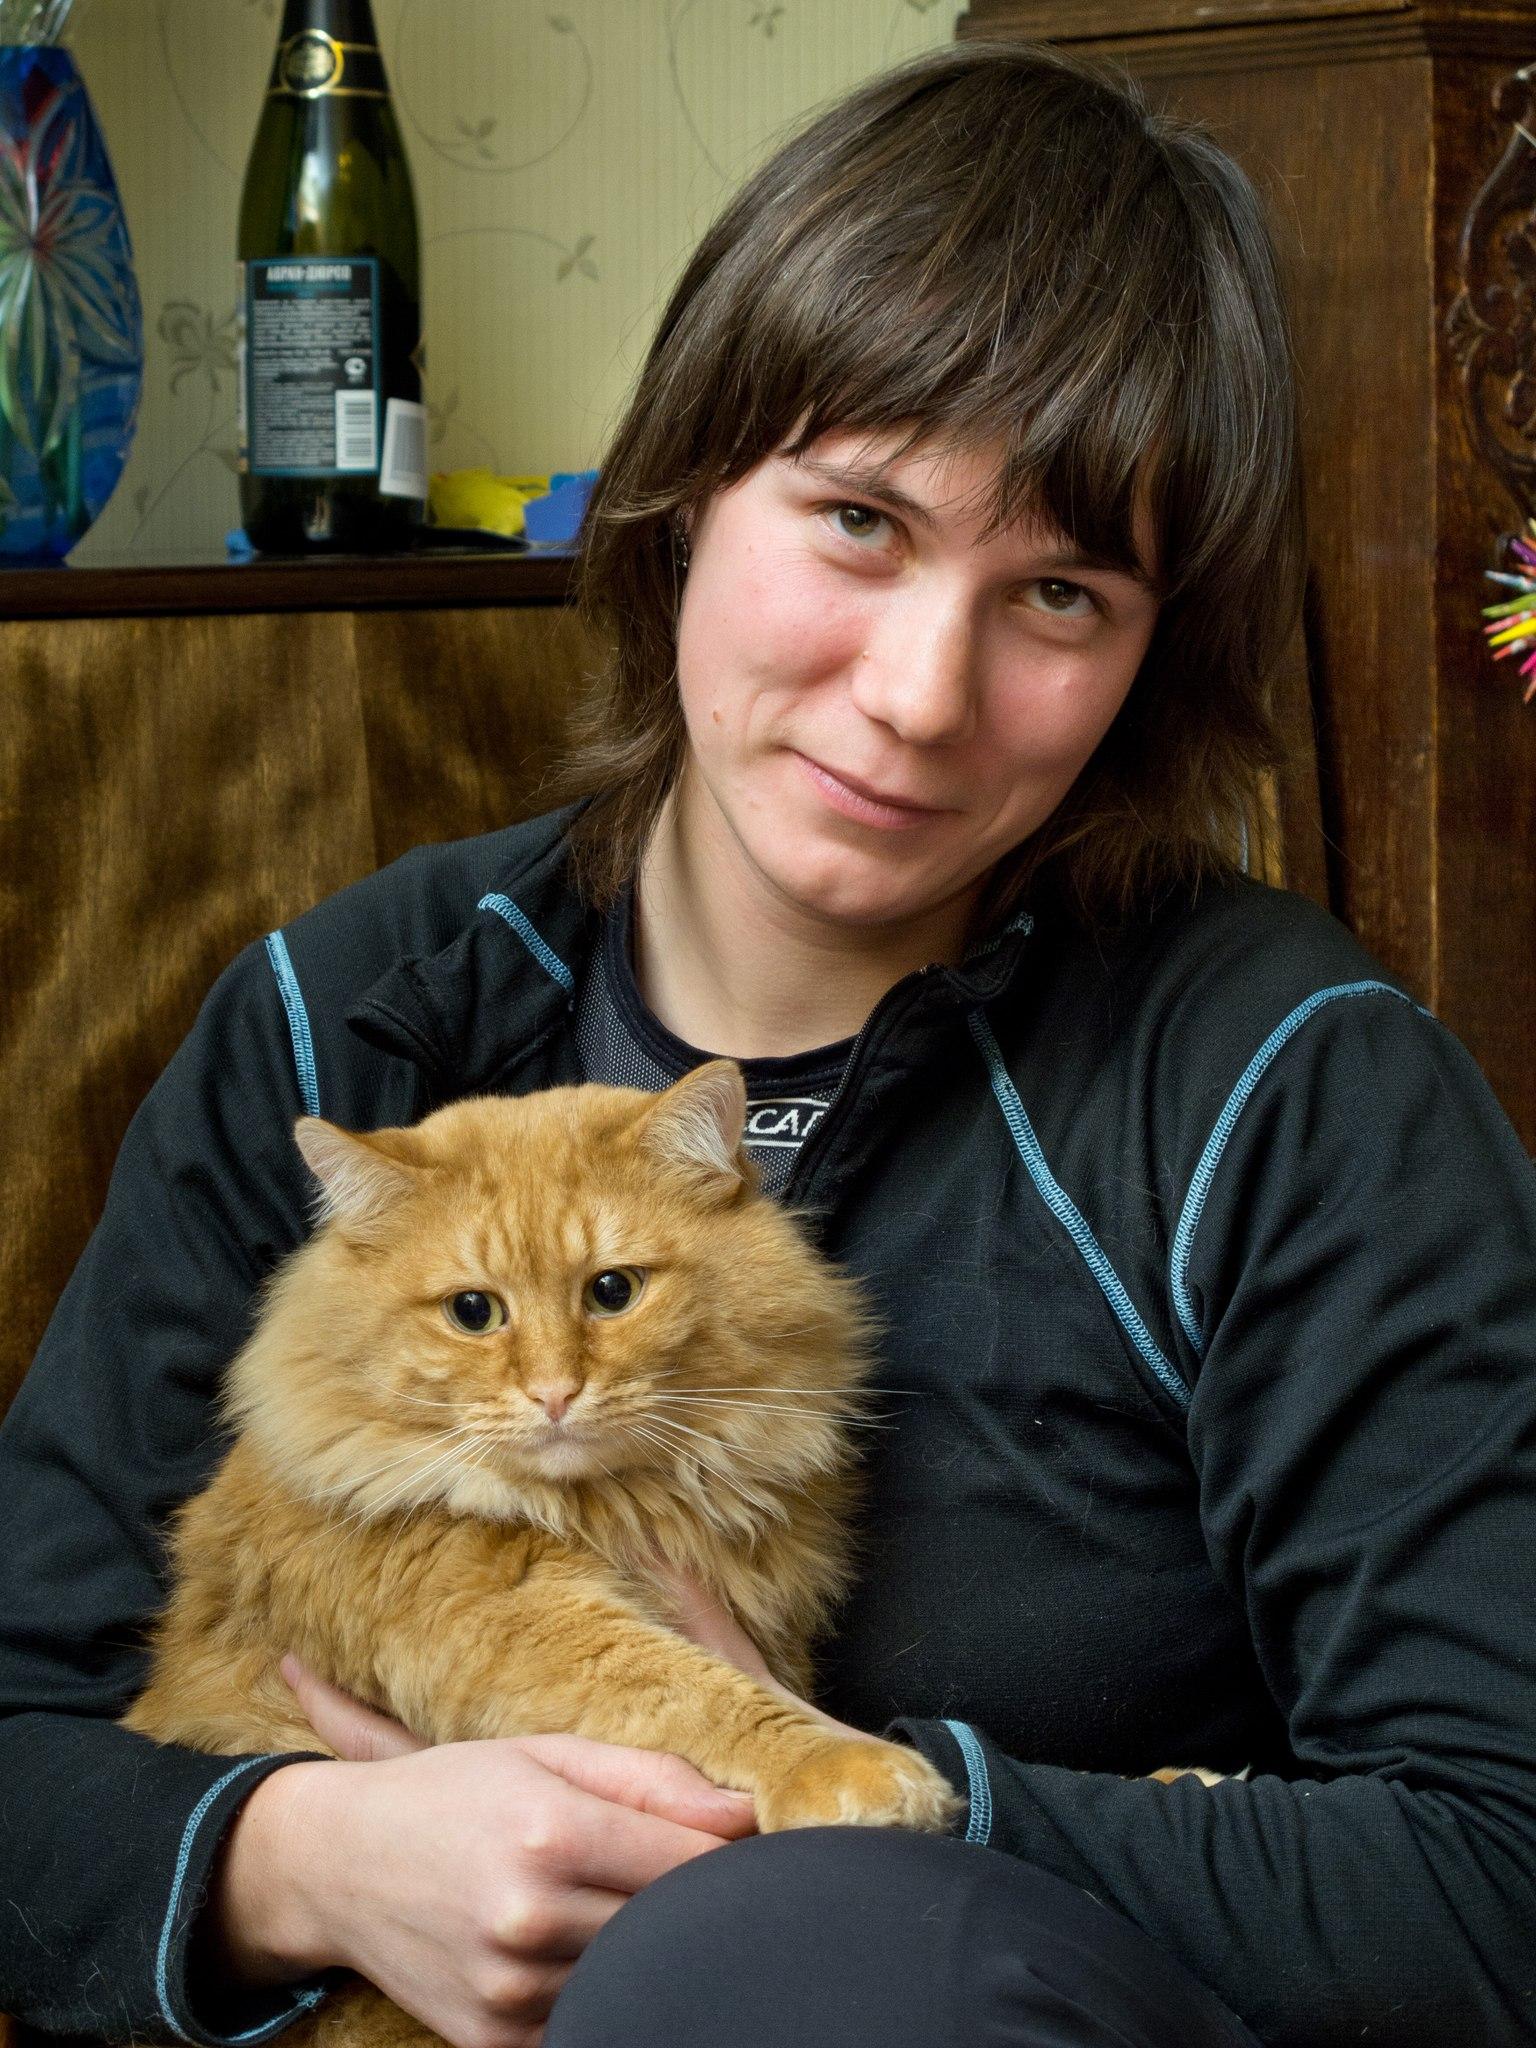 Мария Богданова, 37 лет, Москва, Россия. Фото 8